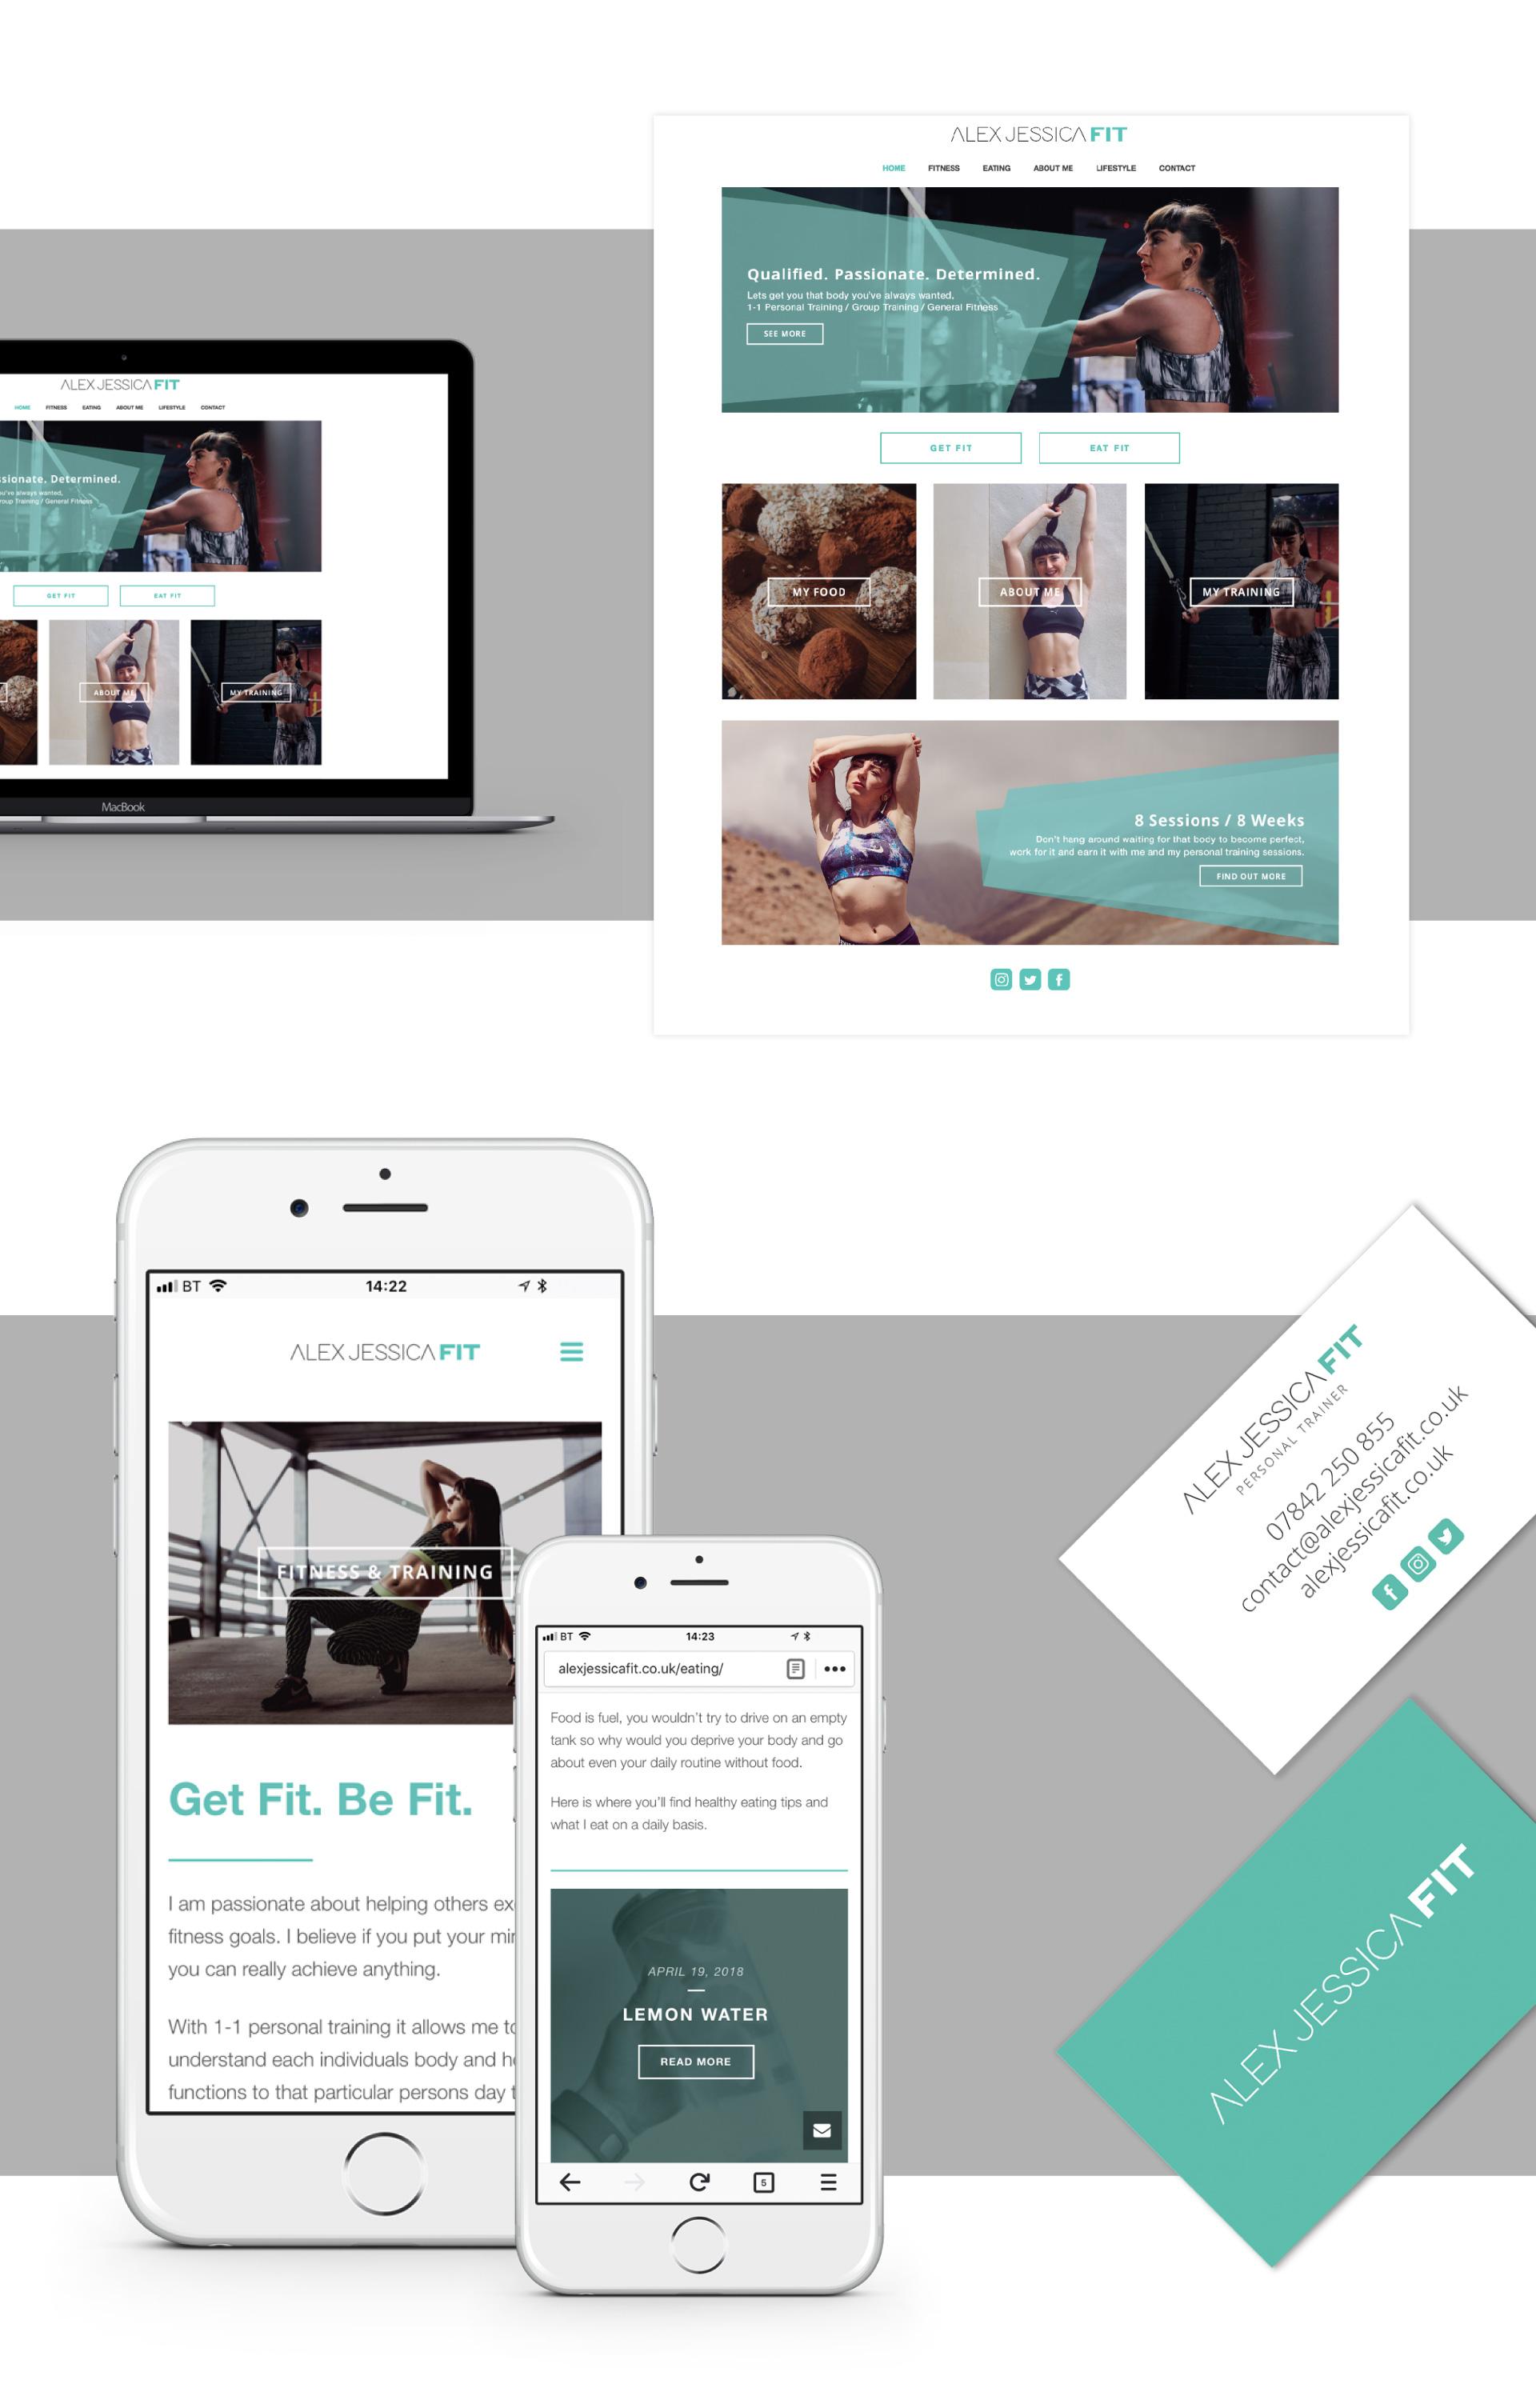 Alex Jessica Fit designed image - wearetucano.co.uk